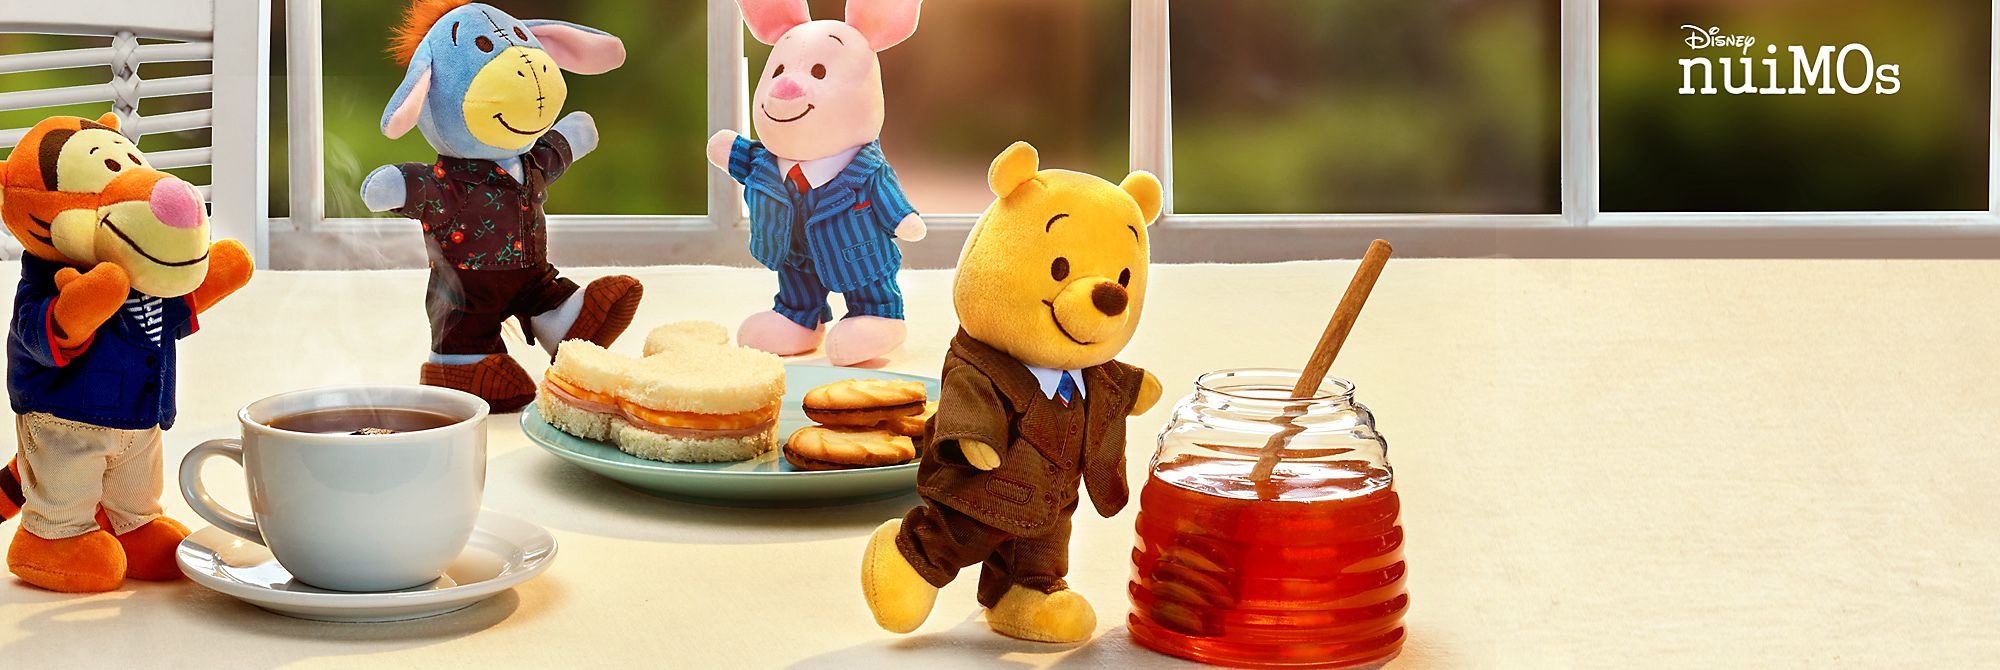 Recién llegados del bosque de cien acres Winnie the Pooh y sus amigos  son la adición más reciente a la familia de peluches nuiMOs de Disney COMPRAR DISNEY NUIMOS